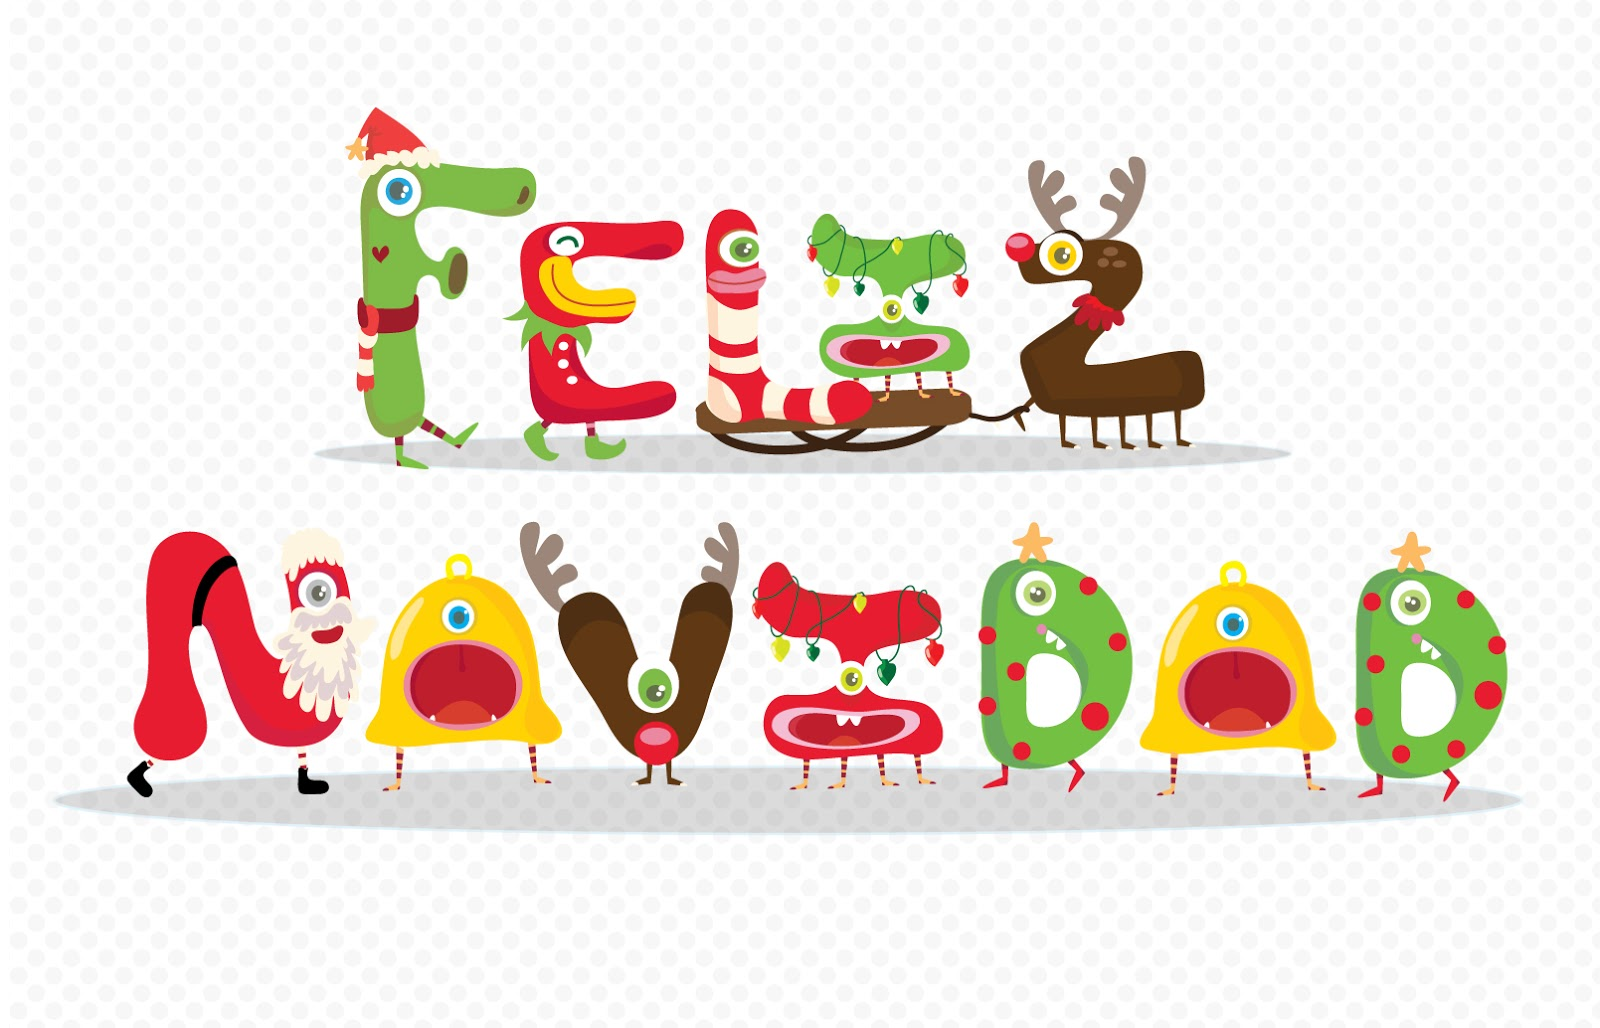 Feliz navidad - Wallpaper